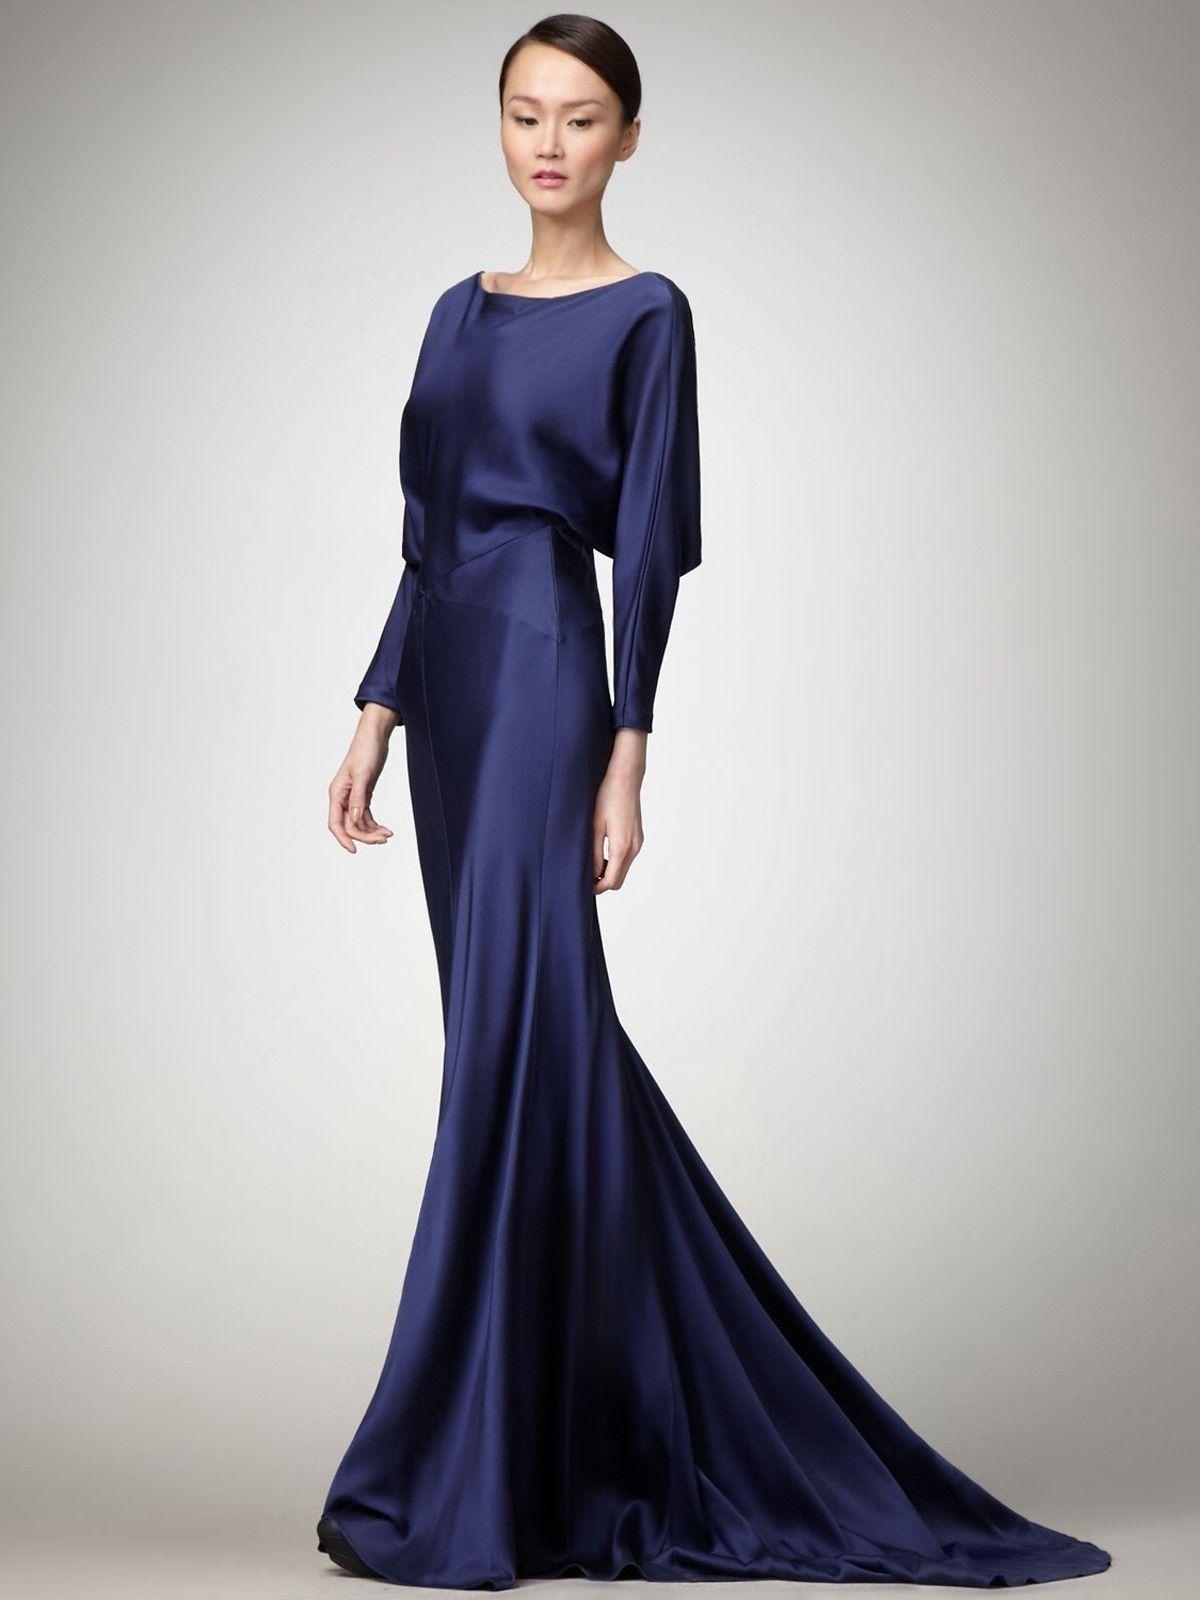 Tolle bodenlanger mantel damen | Mode Saison | Pinterest ...